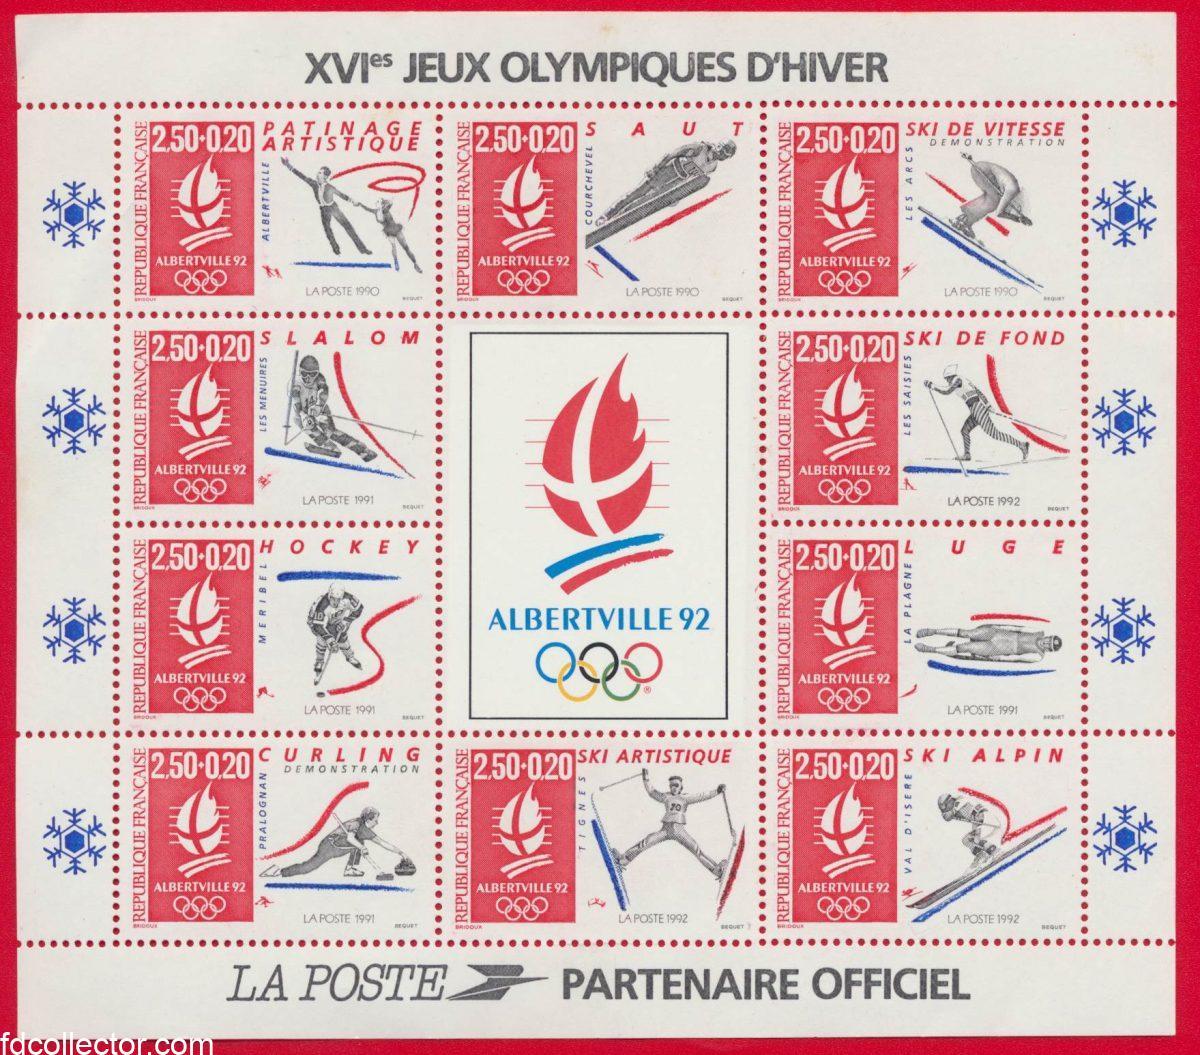 plaquette-xvi-jeux-olympiques-hiver-albertville-1992